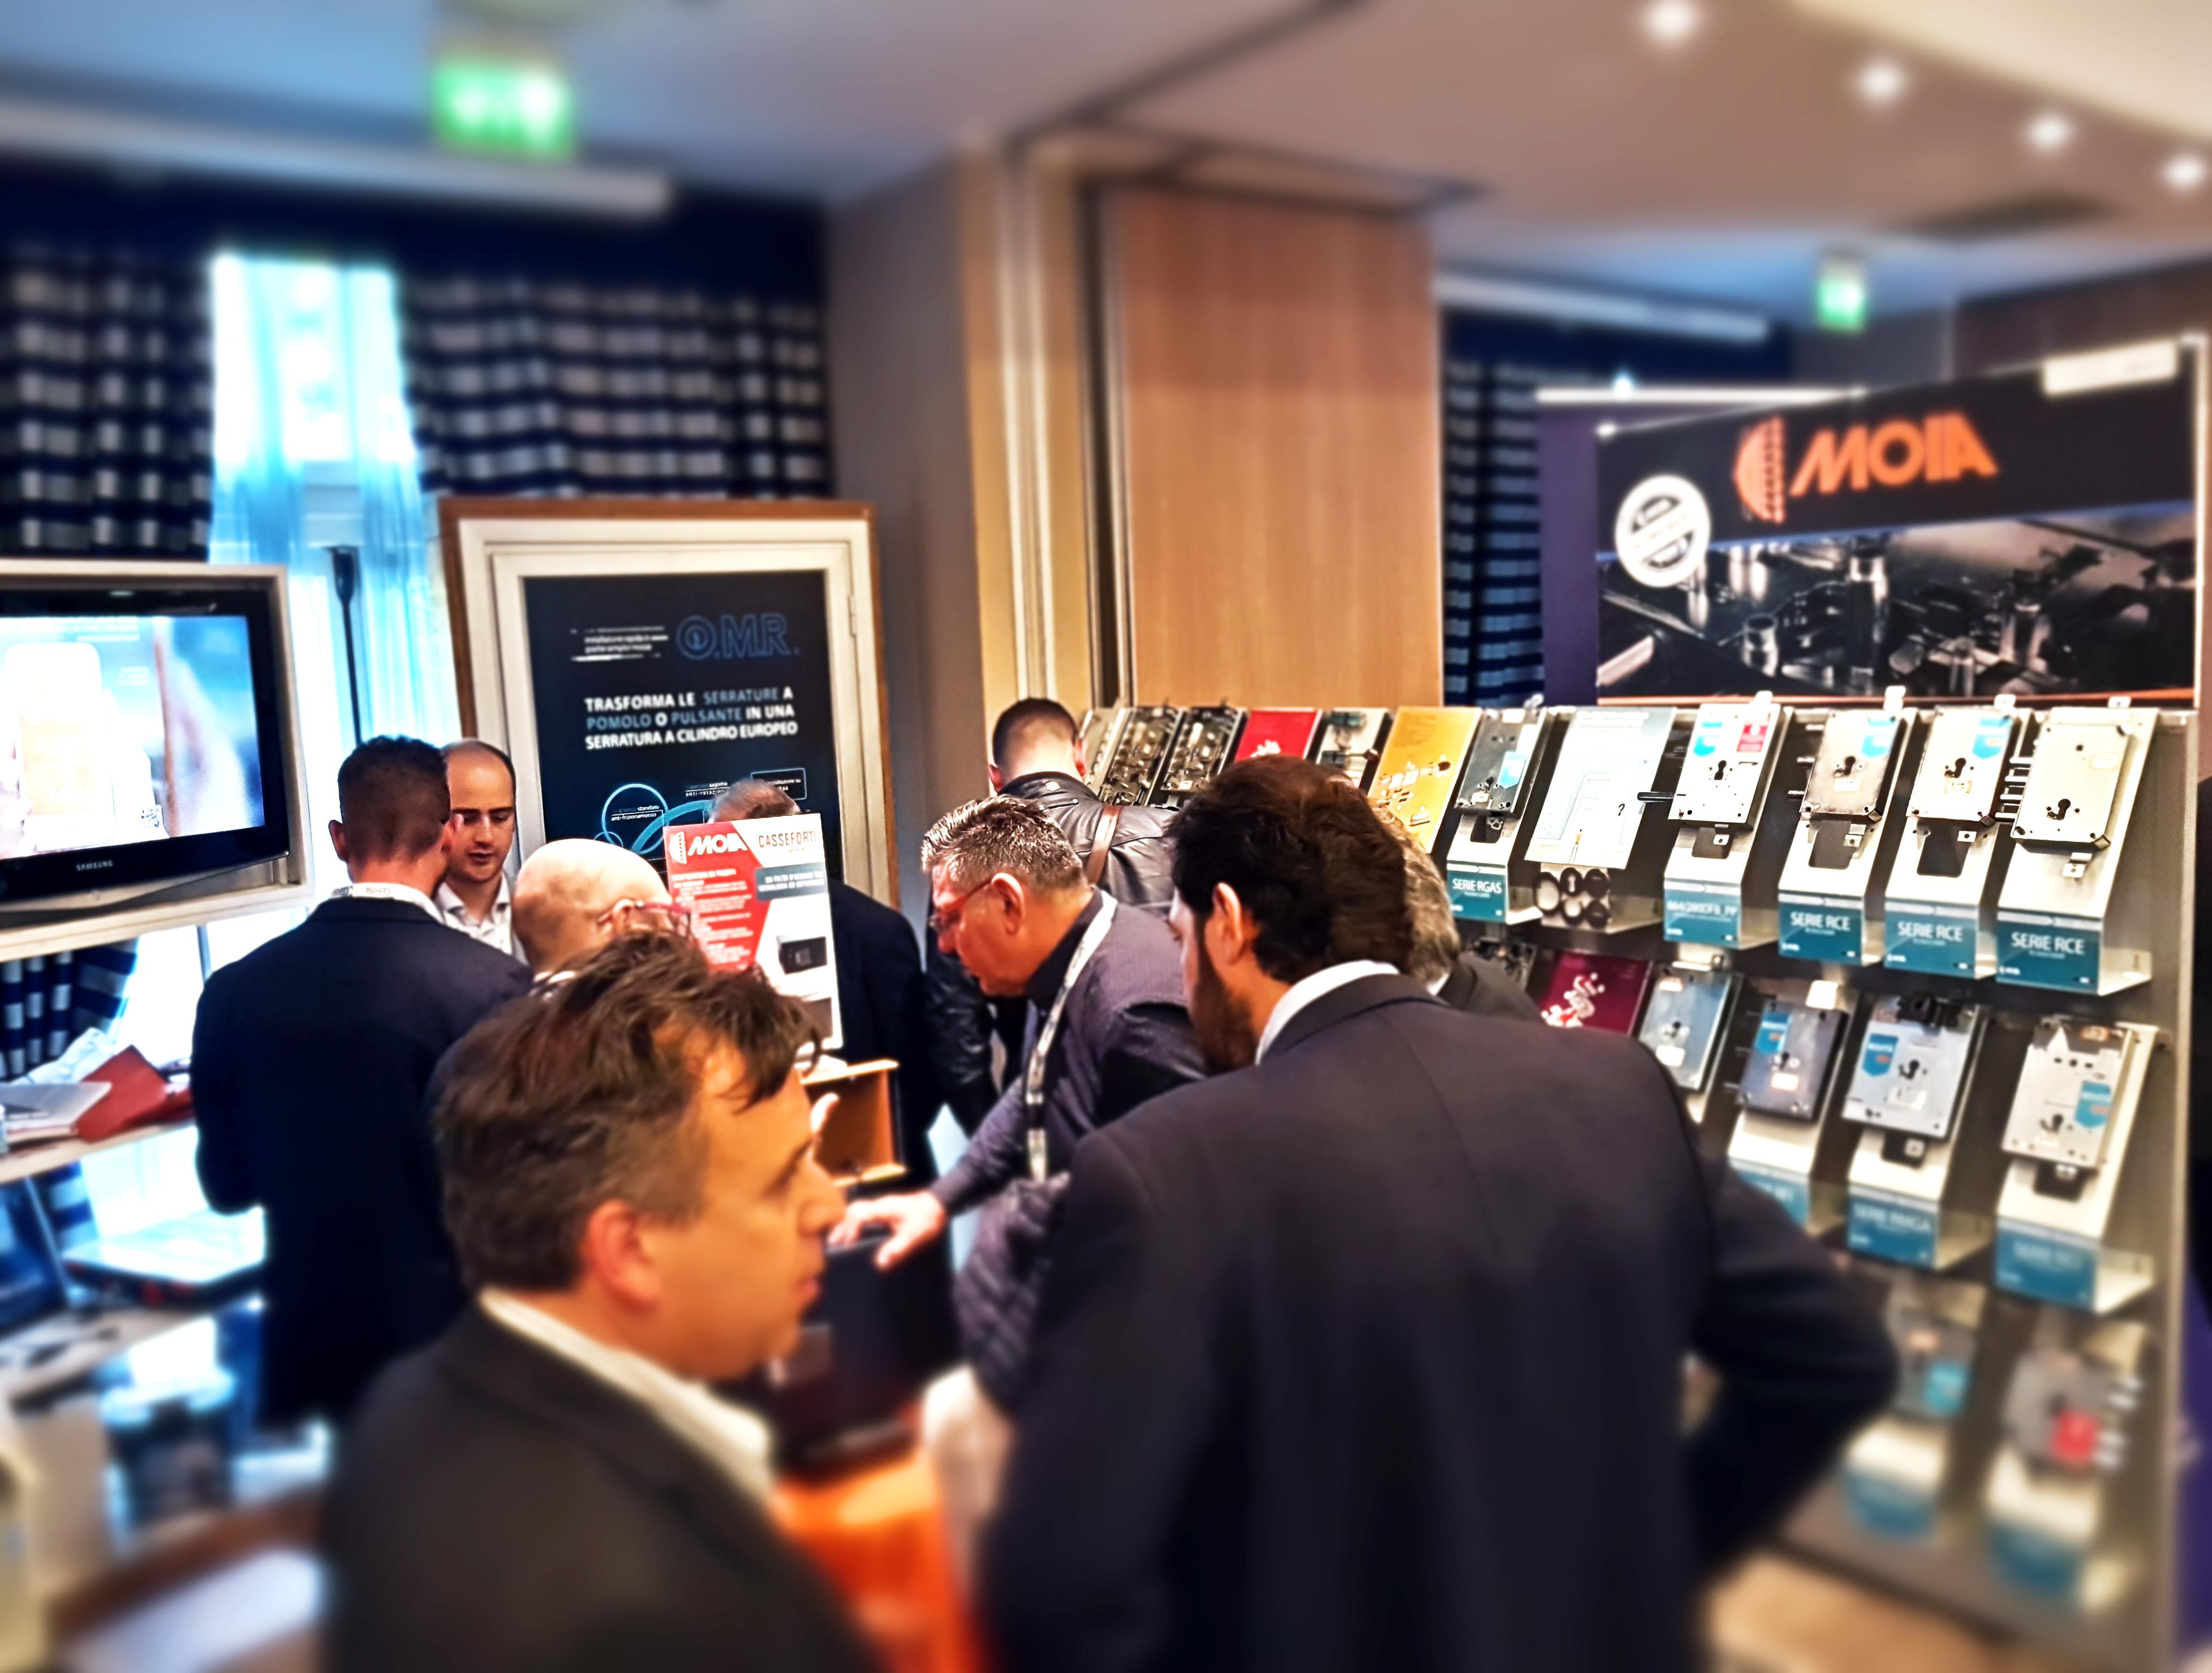 Foto scattata durante una giornata del convegno ERSI